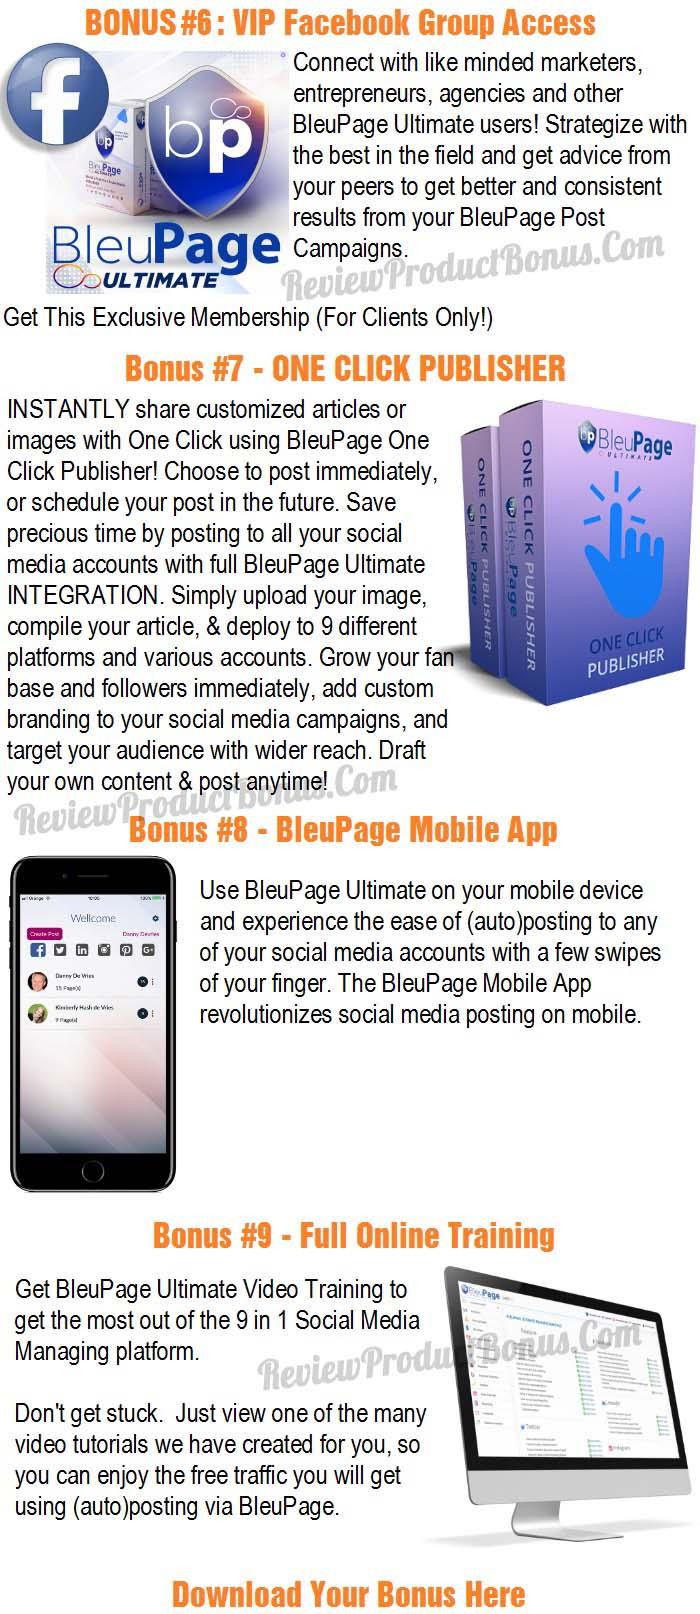 BleuPage Ultimate Bonuses